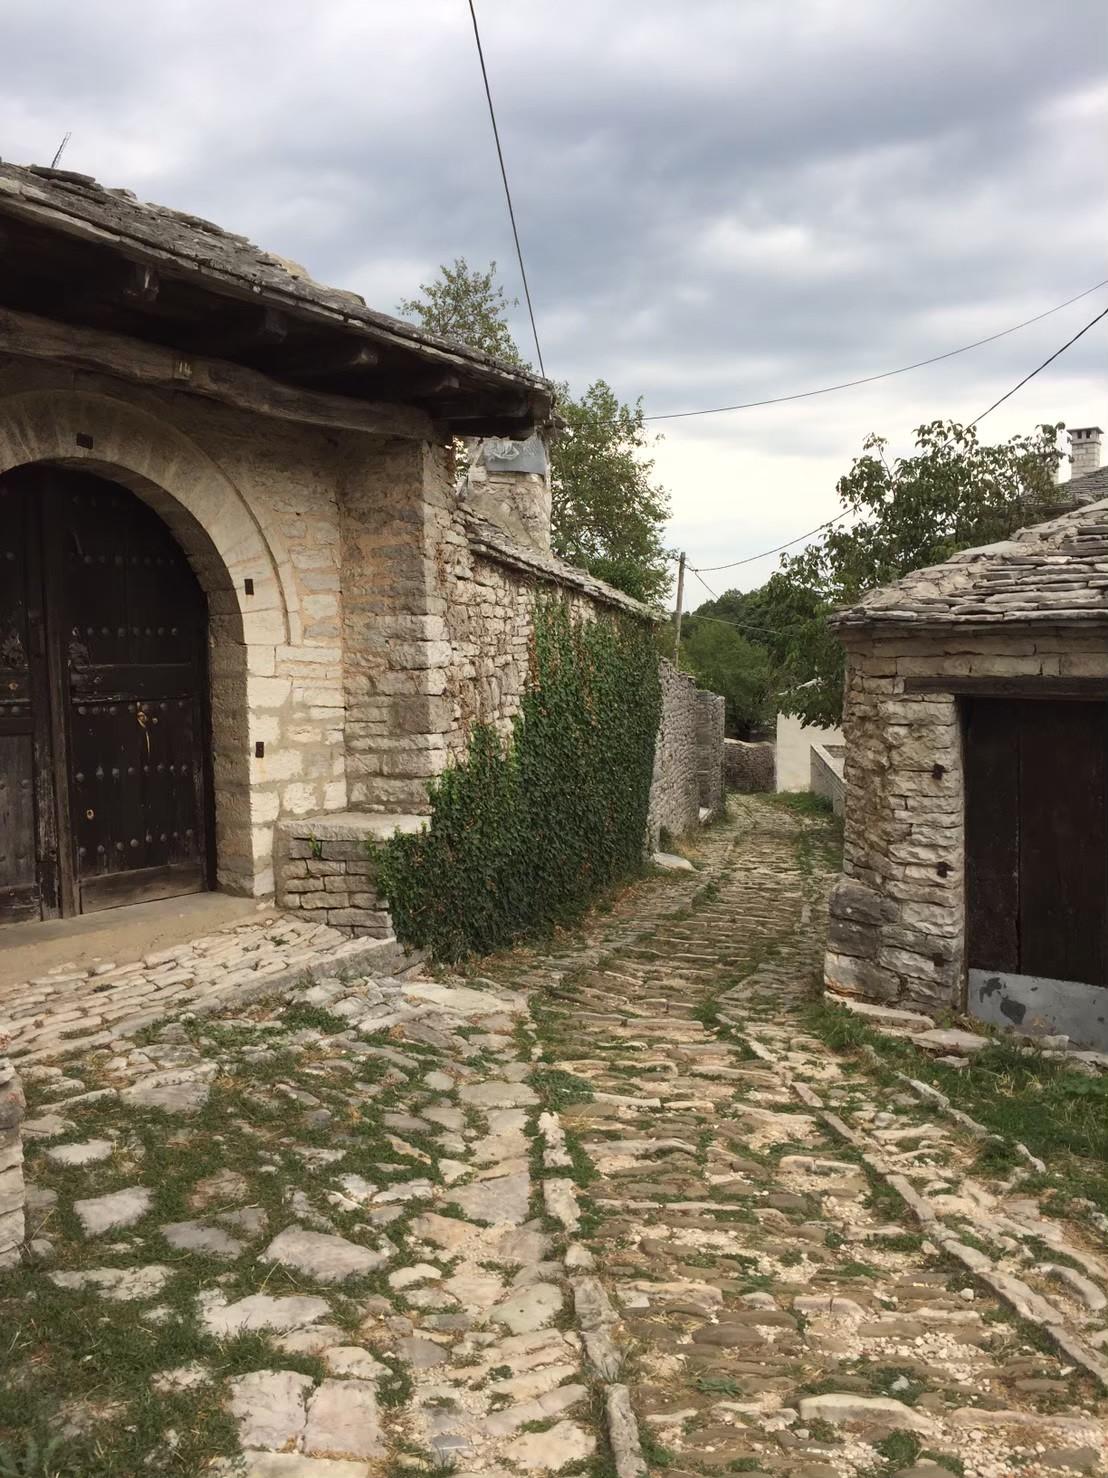 ザゴロホリアの村の風景